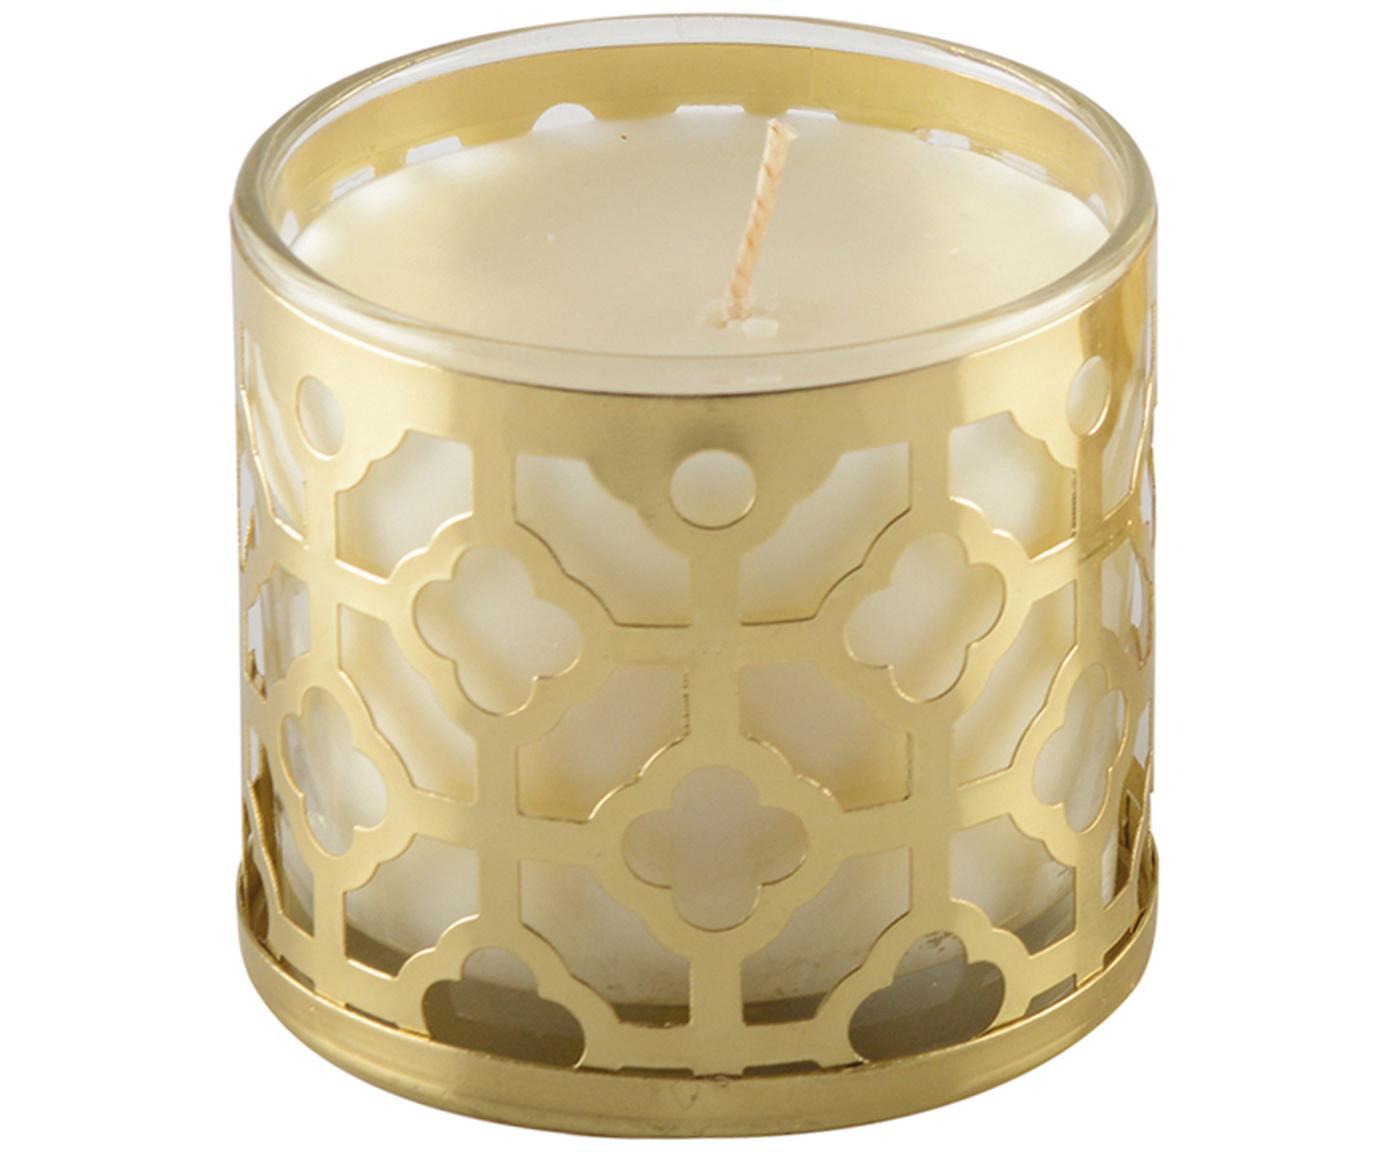 Duftkerze Helion (Vanille), Behälter: Glas, Metall, Goldfarben, Weiß, Ø 8 x H 8 cm